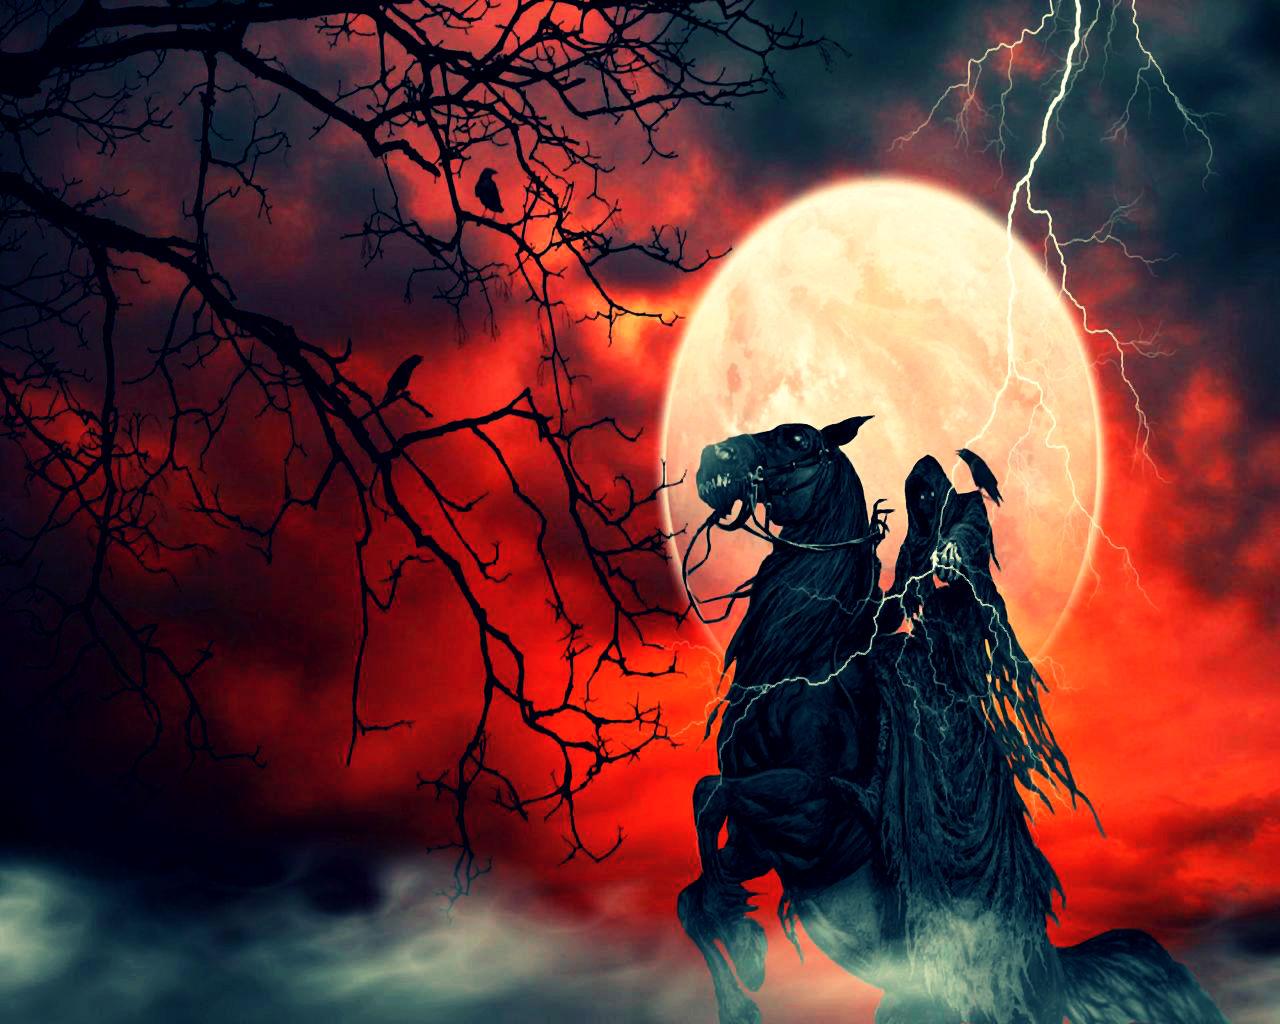 Grim Reaper Computer Wallpapers Desktop Backgrounds 1280x1024 ID 1280x1024